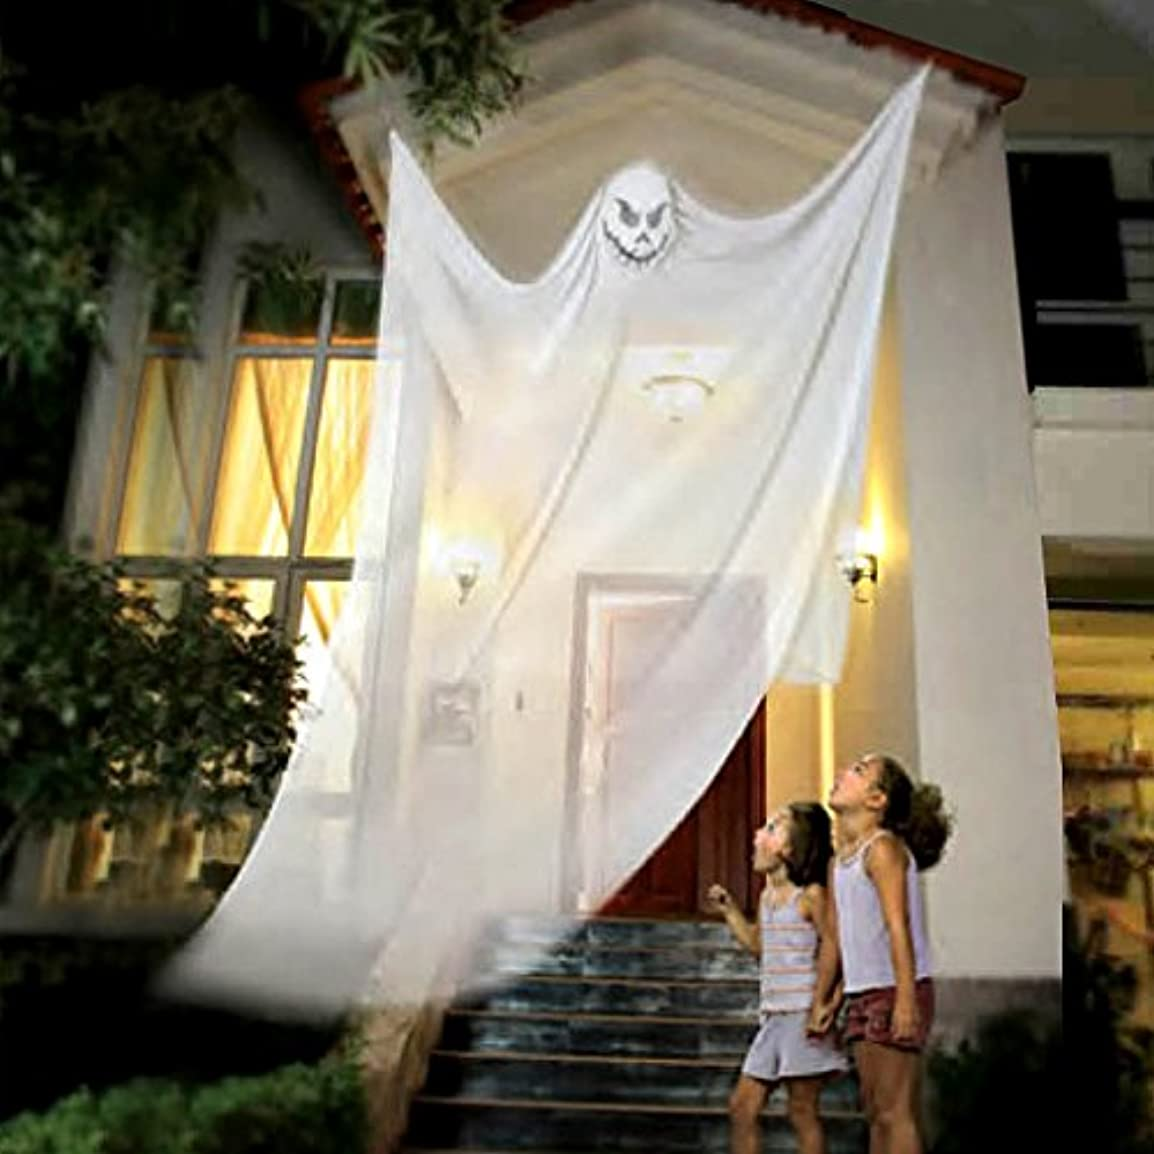 食堂噴水個性ハロウィーンフェスティバルぶら下げ幽霊装飾ホラー小道具バーお化け屋敷室内装飾